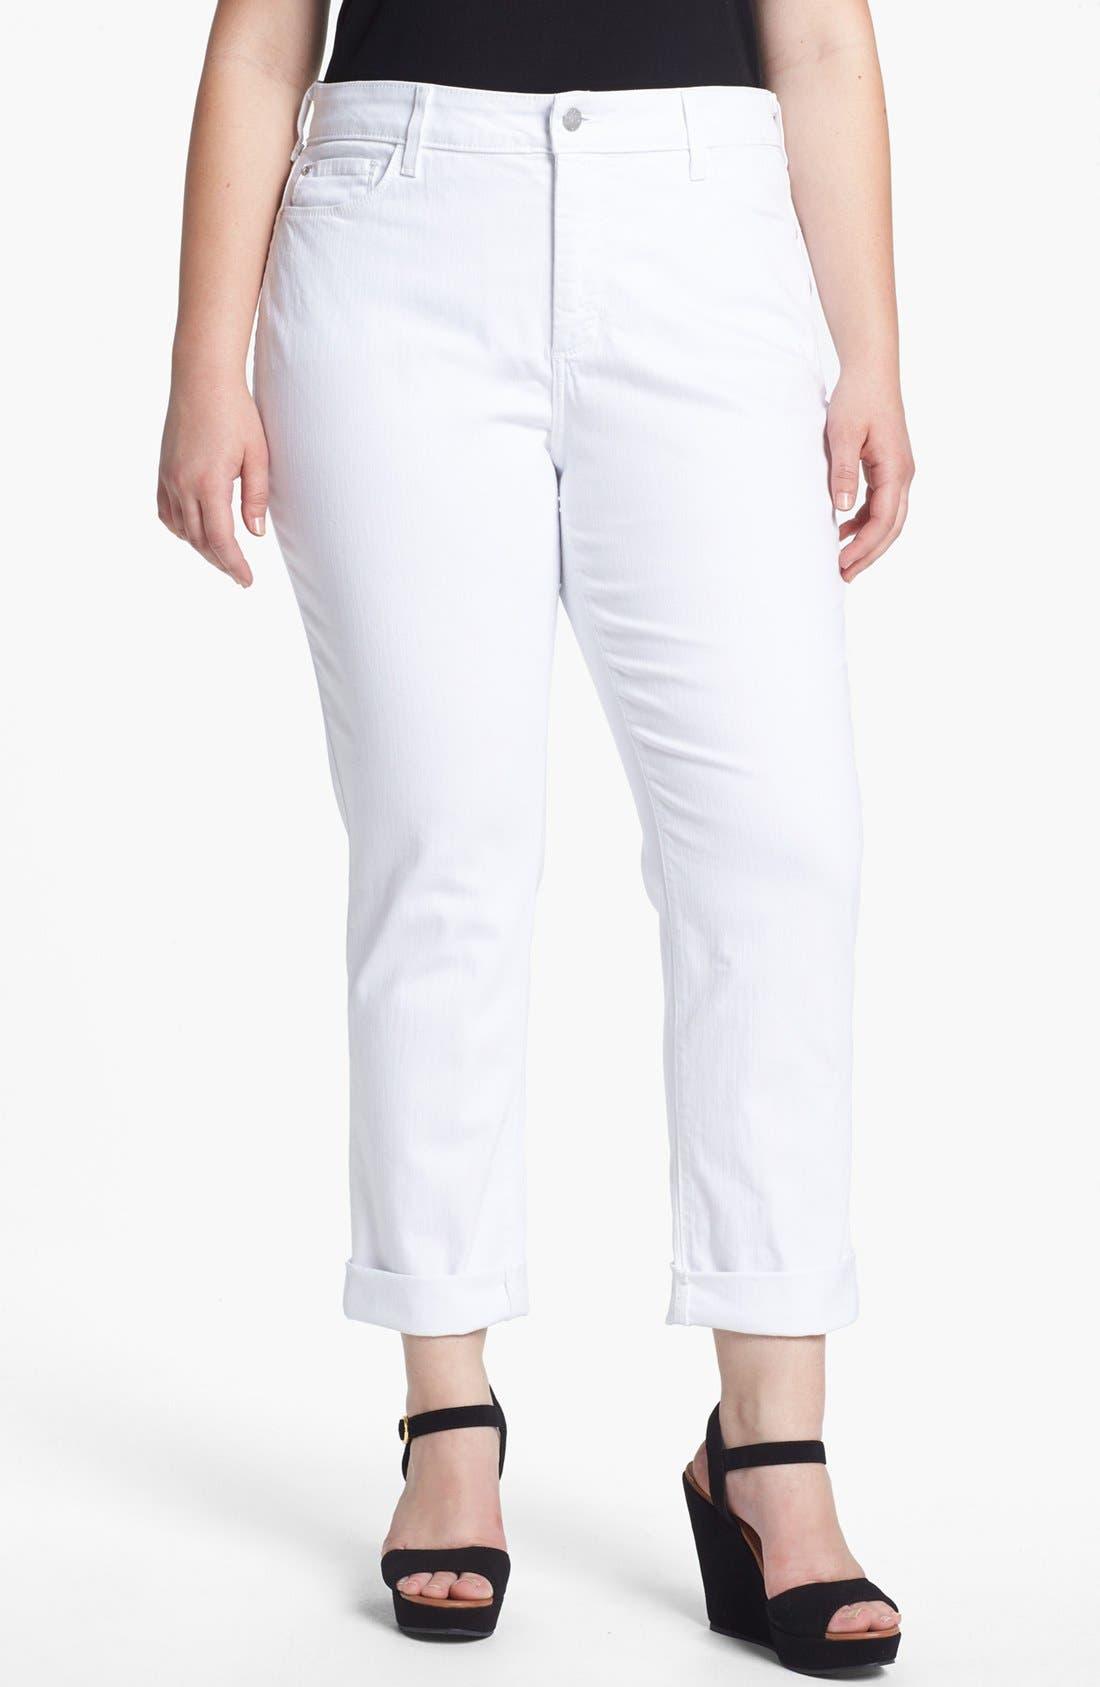 Main Image - NYDJ 'Tanya' Cuff Boyfriend Jeans (Plus Size)